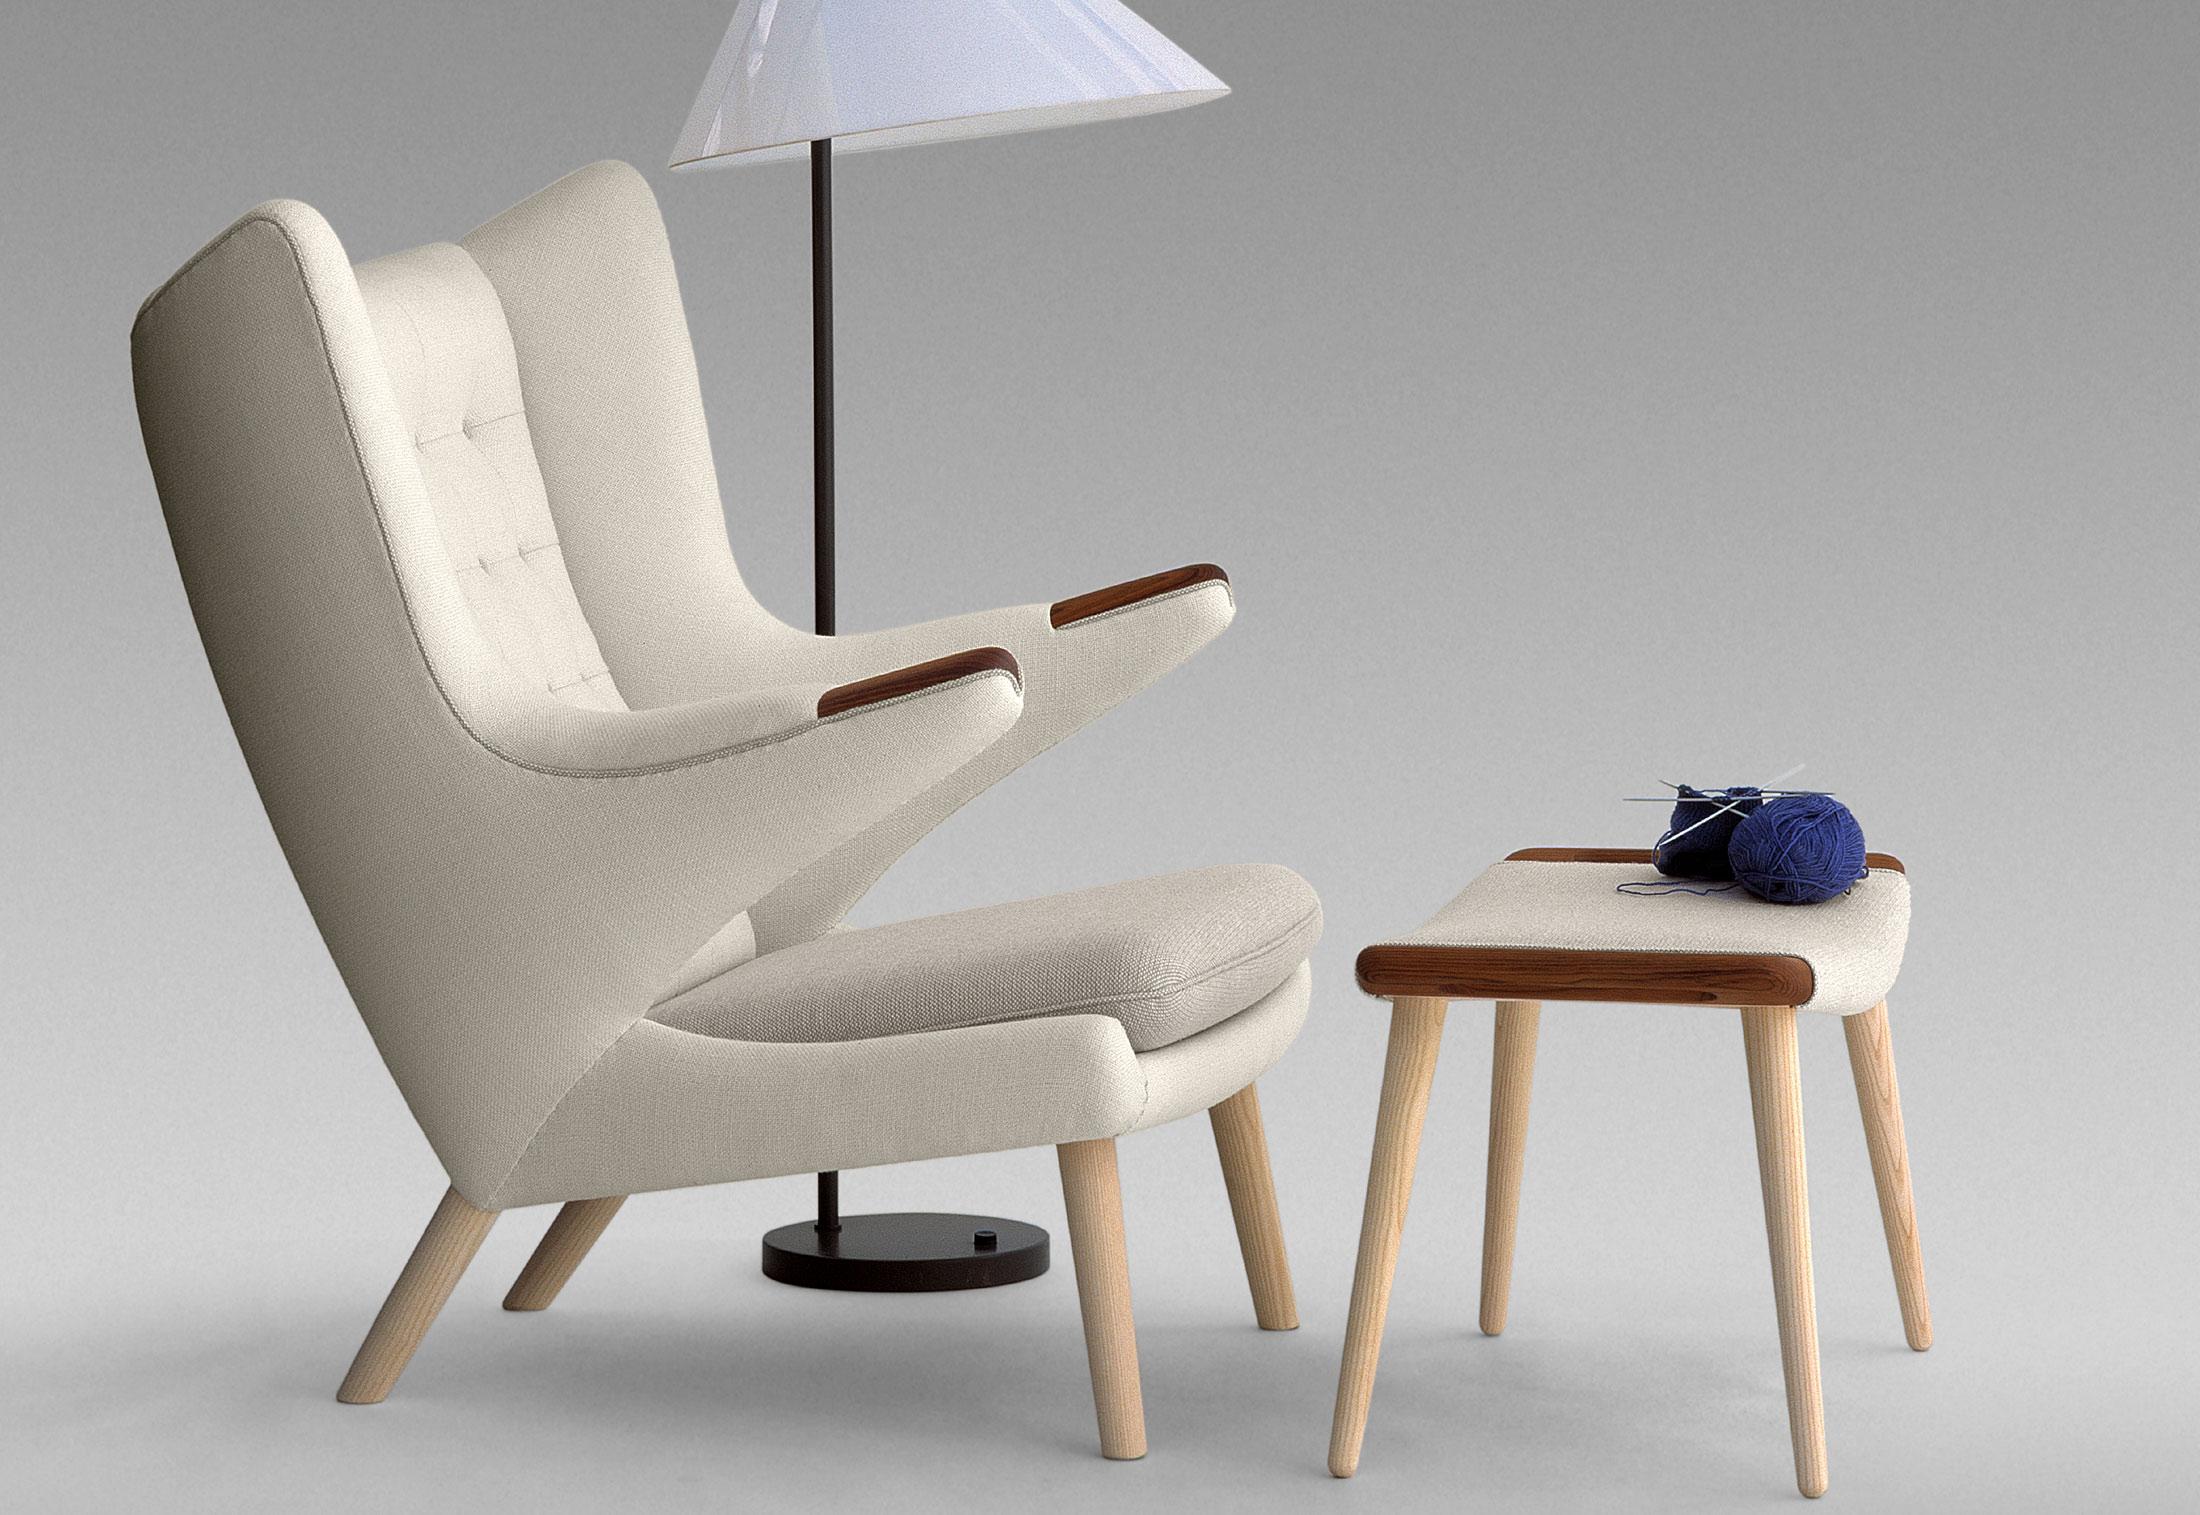 PP 19 The Teddy Bear Chair